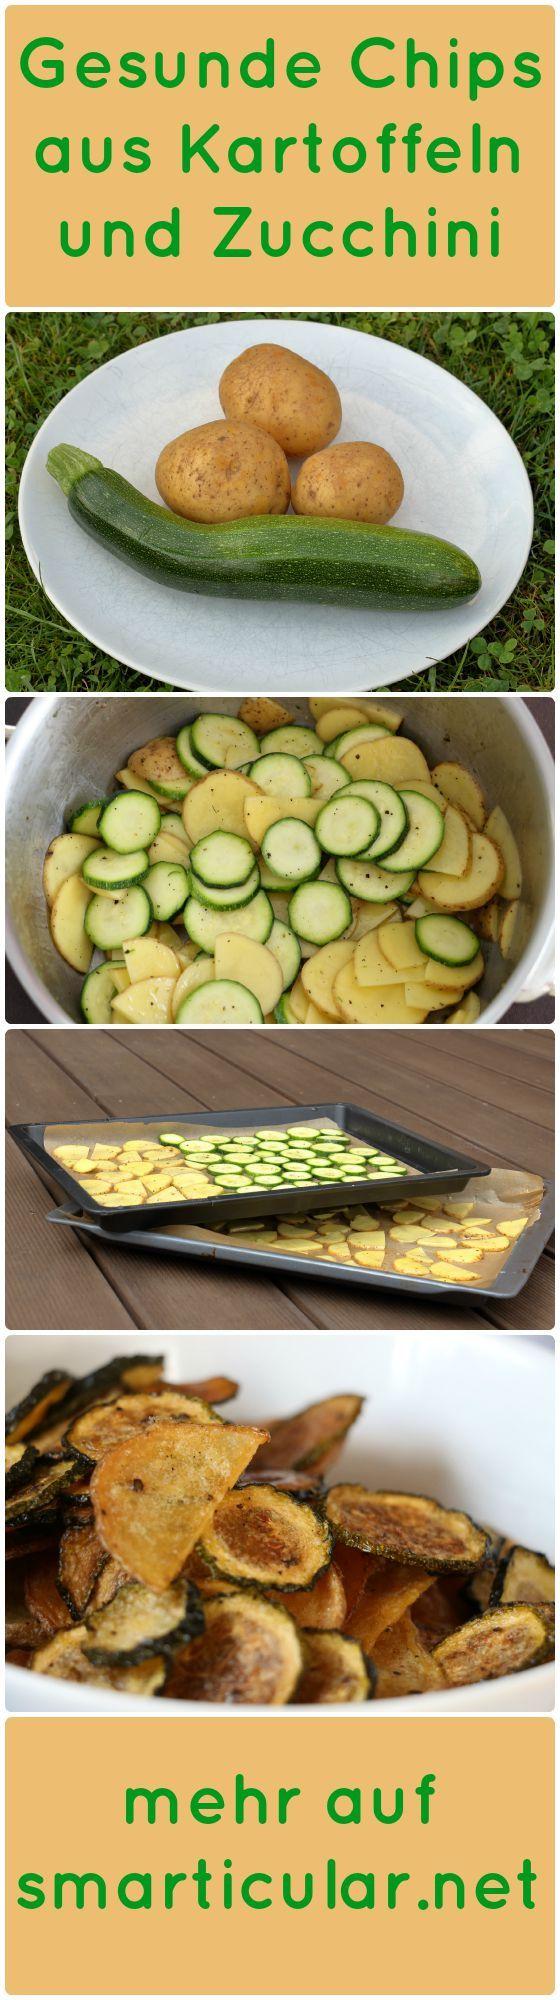 Salat abends gesund oder ungesund